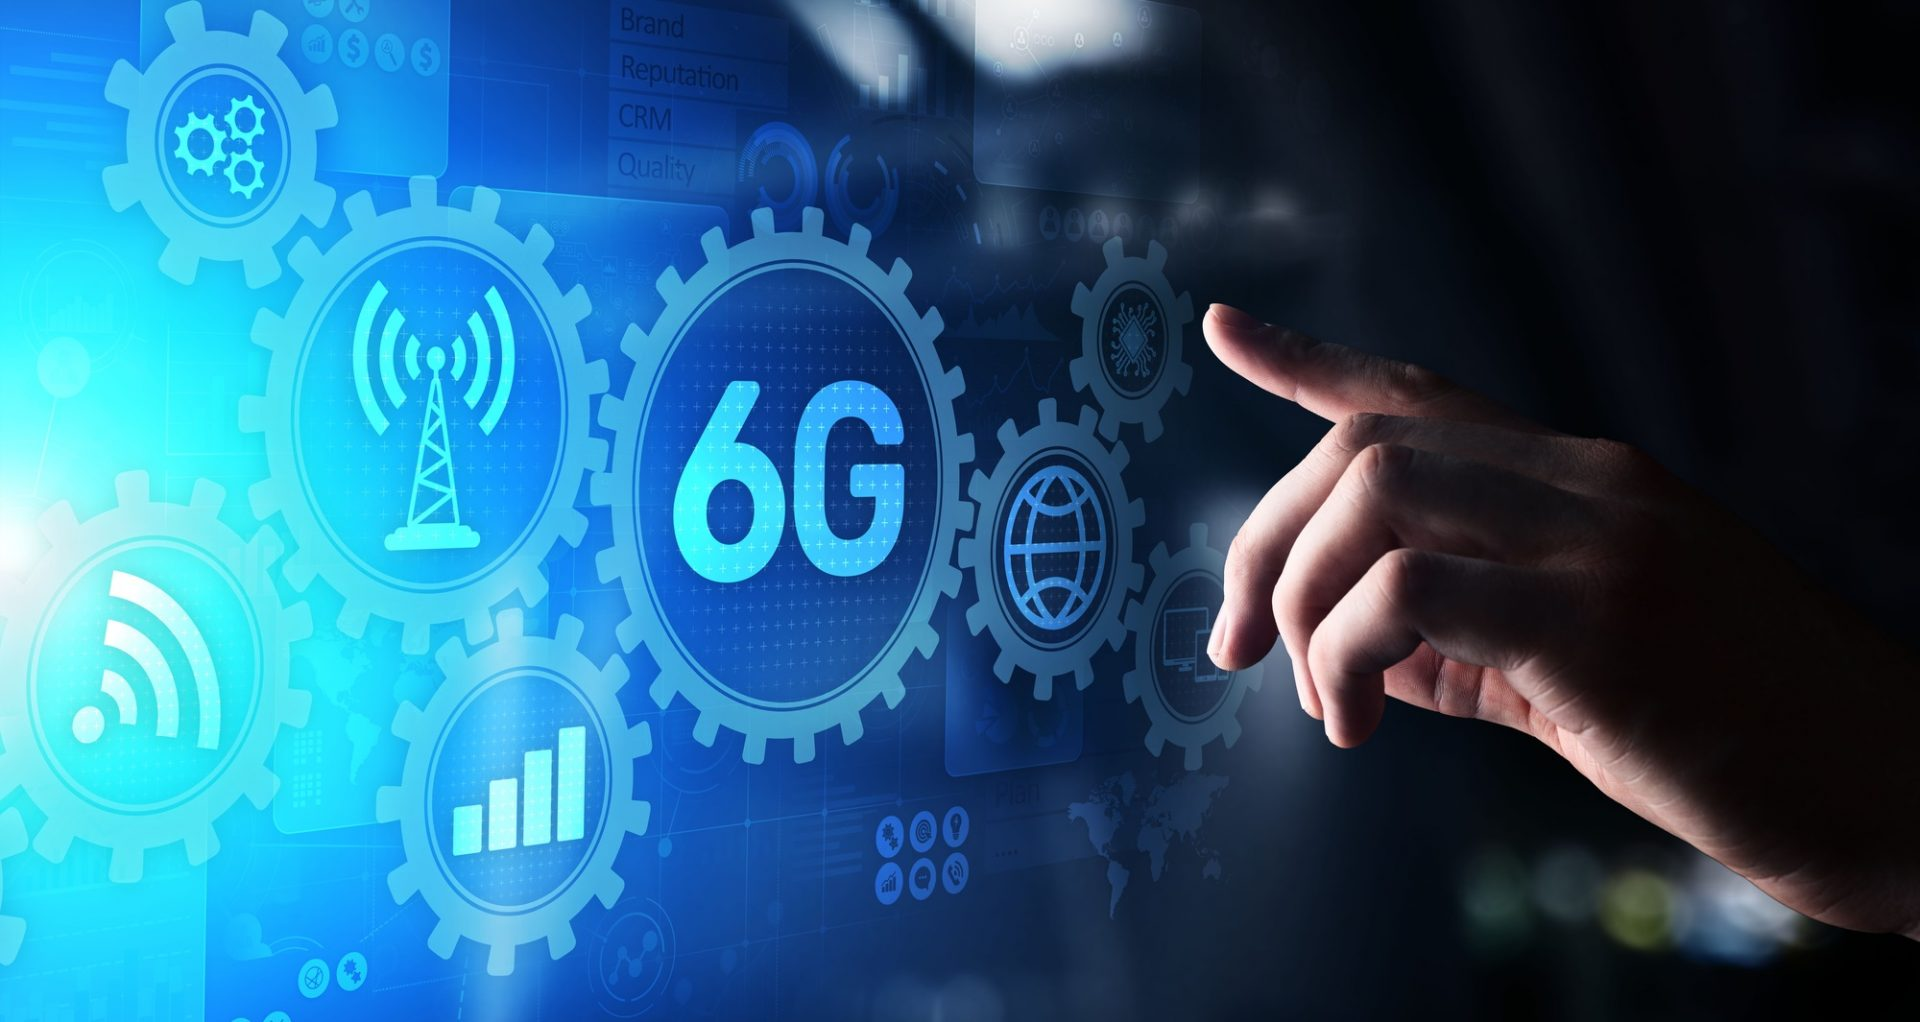 Tecnologia 6G já tem previsão de comercialização